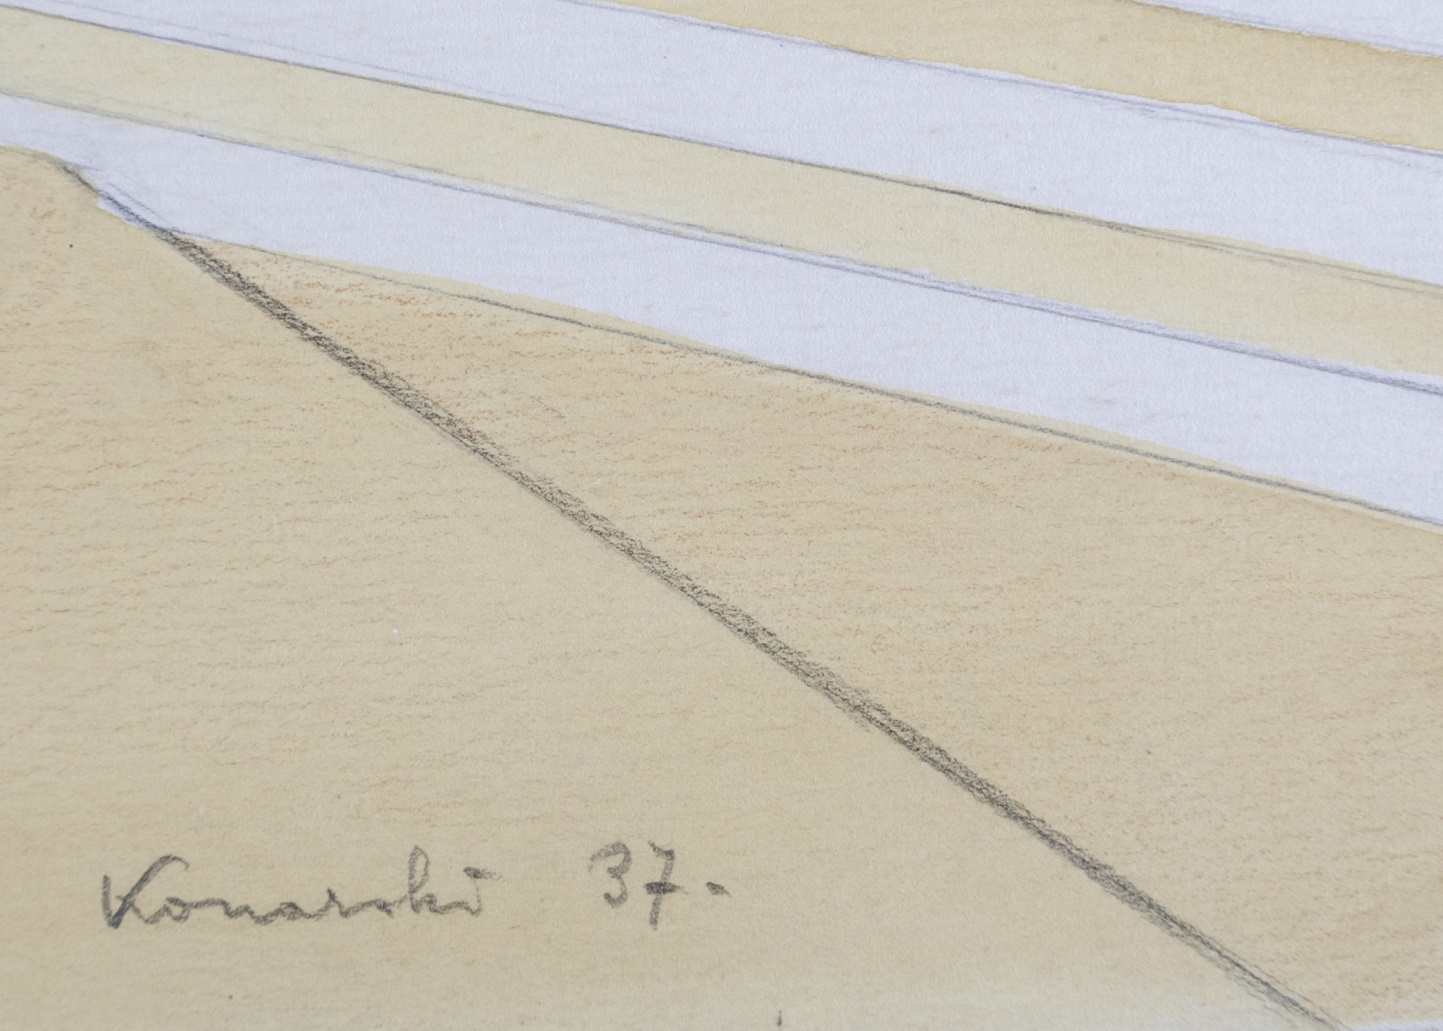 KONARSKI MARIAN (1909-1998), PROJEKT SCHODÓW II, 1937